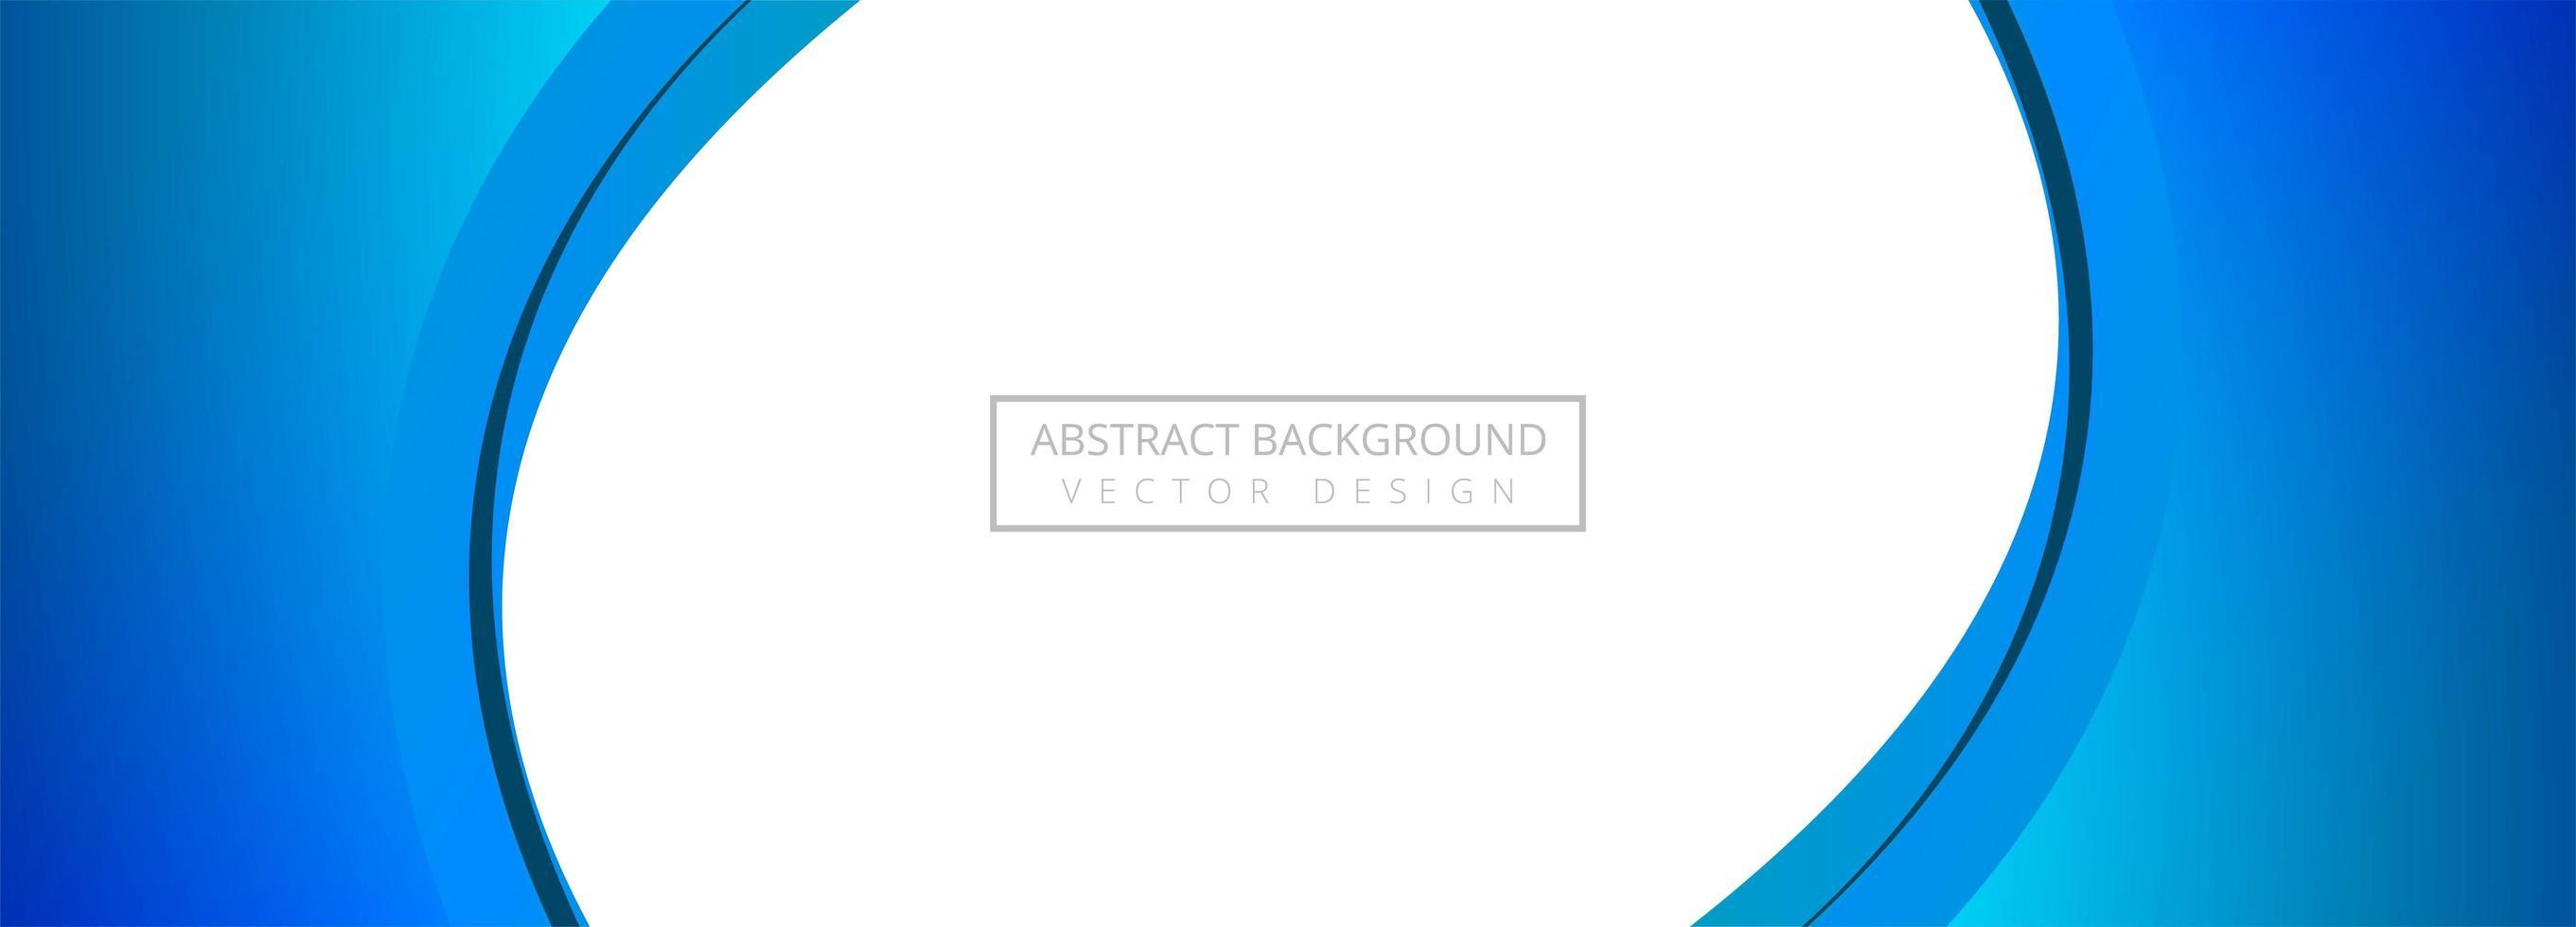 Abstrakter kreativer blauer Wellenfahnenhintergrund vektor